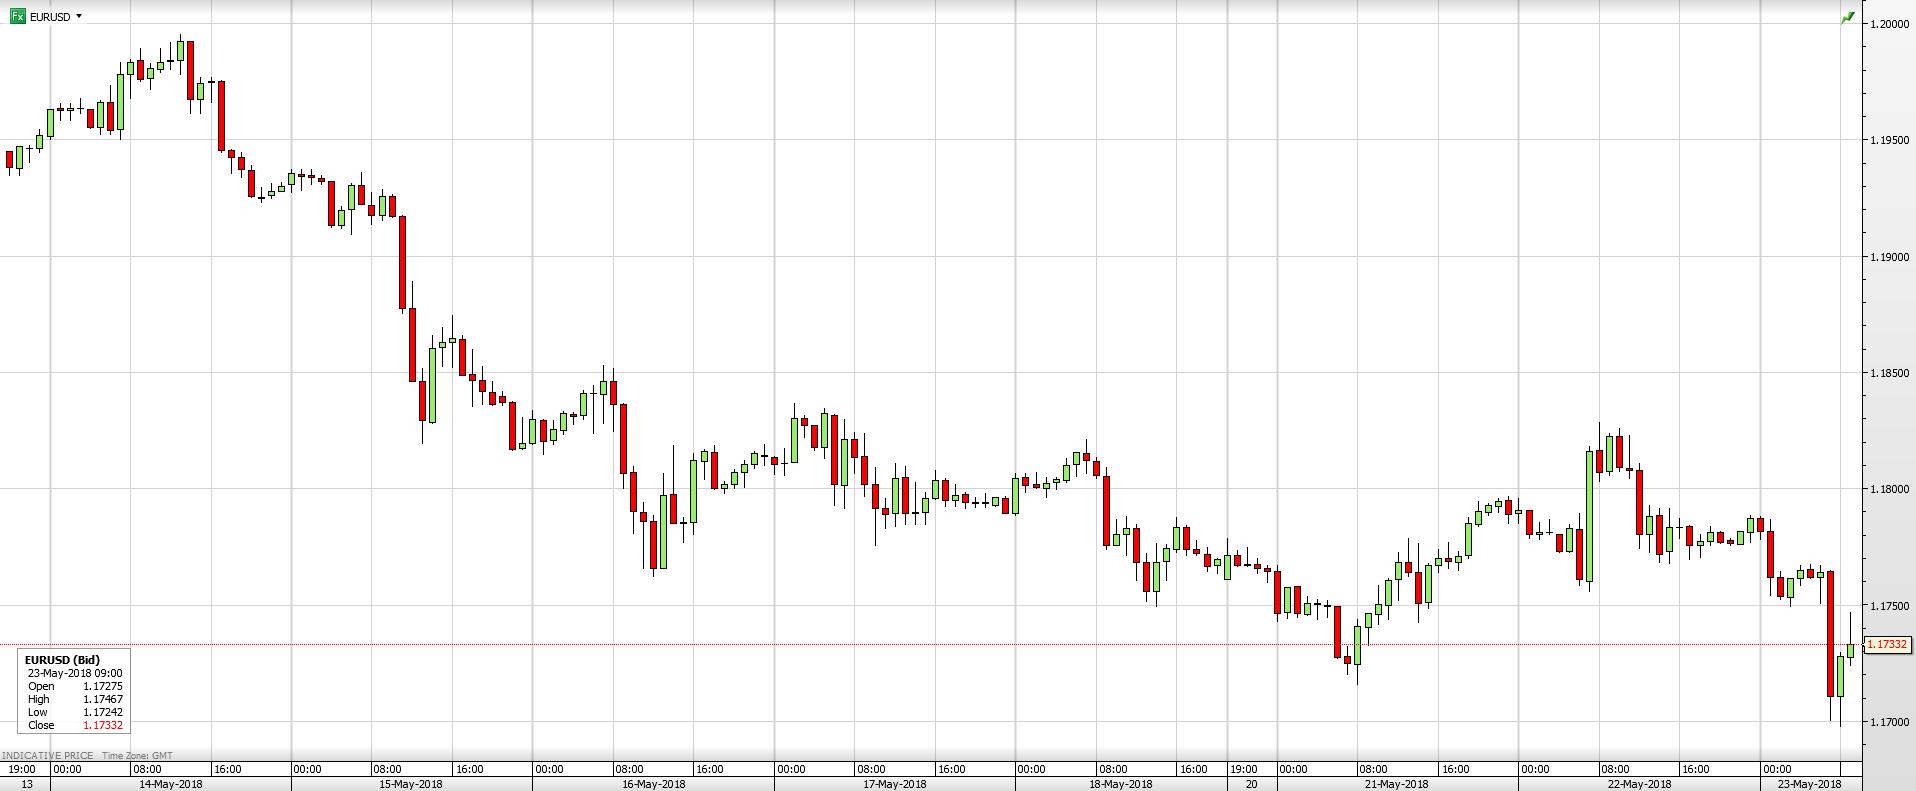 EUR/USD - 1 Week